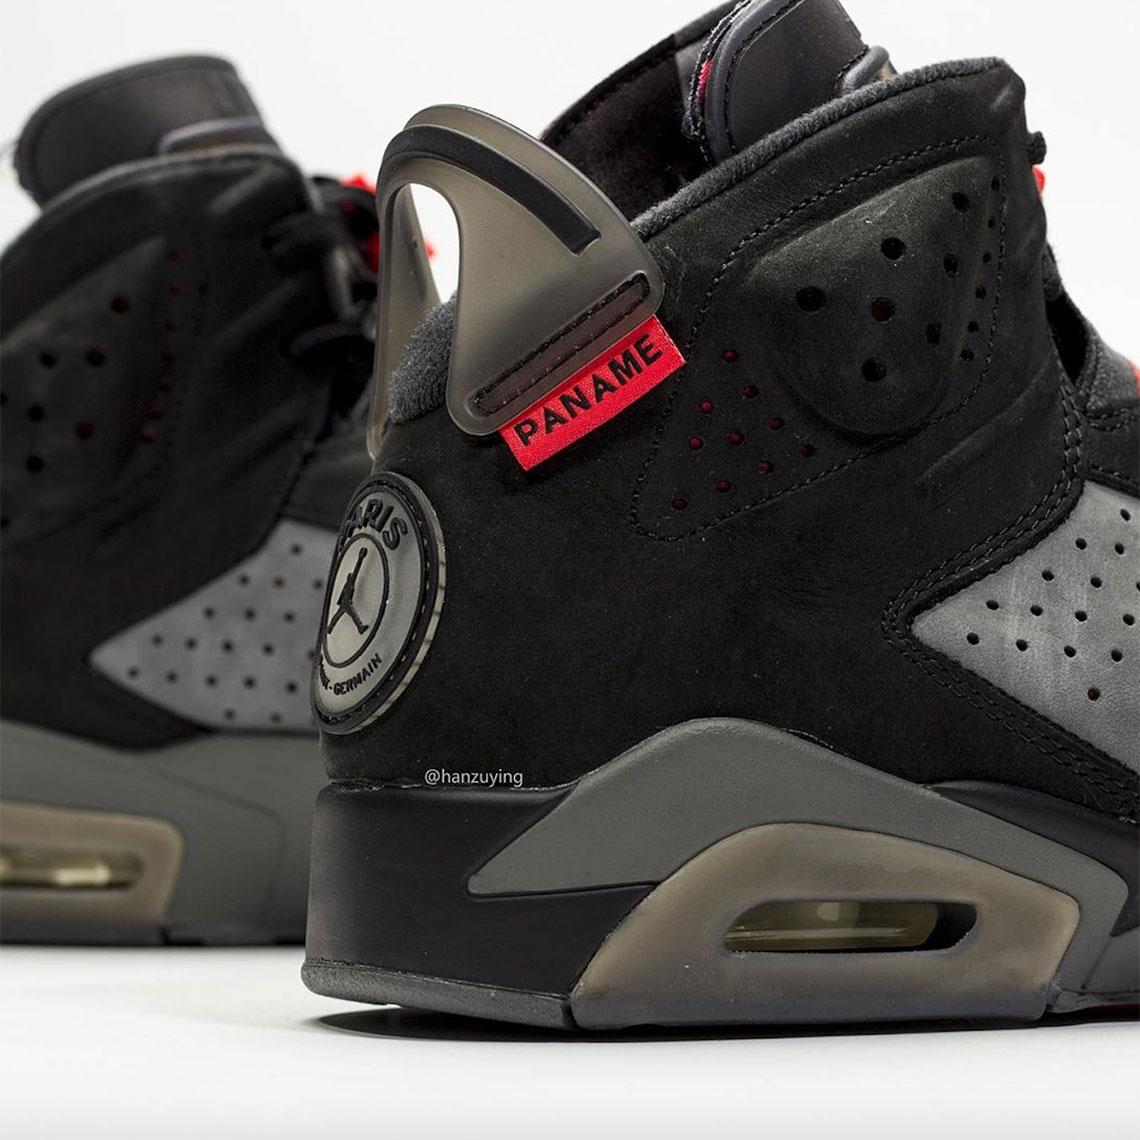 Jordan 6 Psg Paris Saint Germain Ck1229 001 Release Info Sneakernews Com